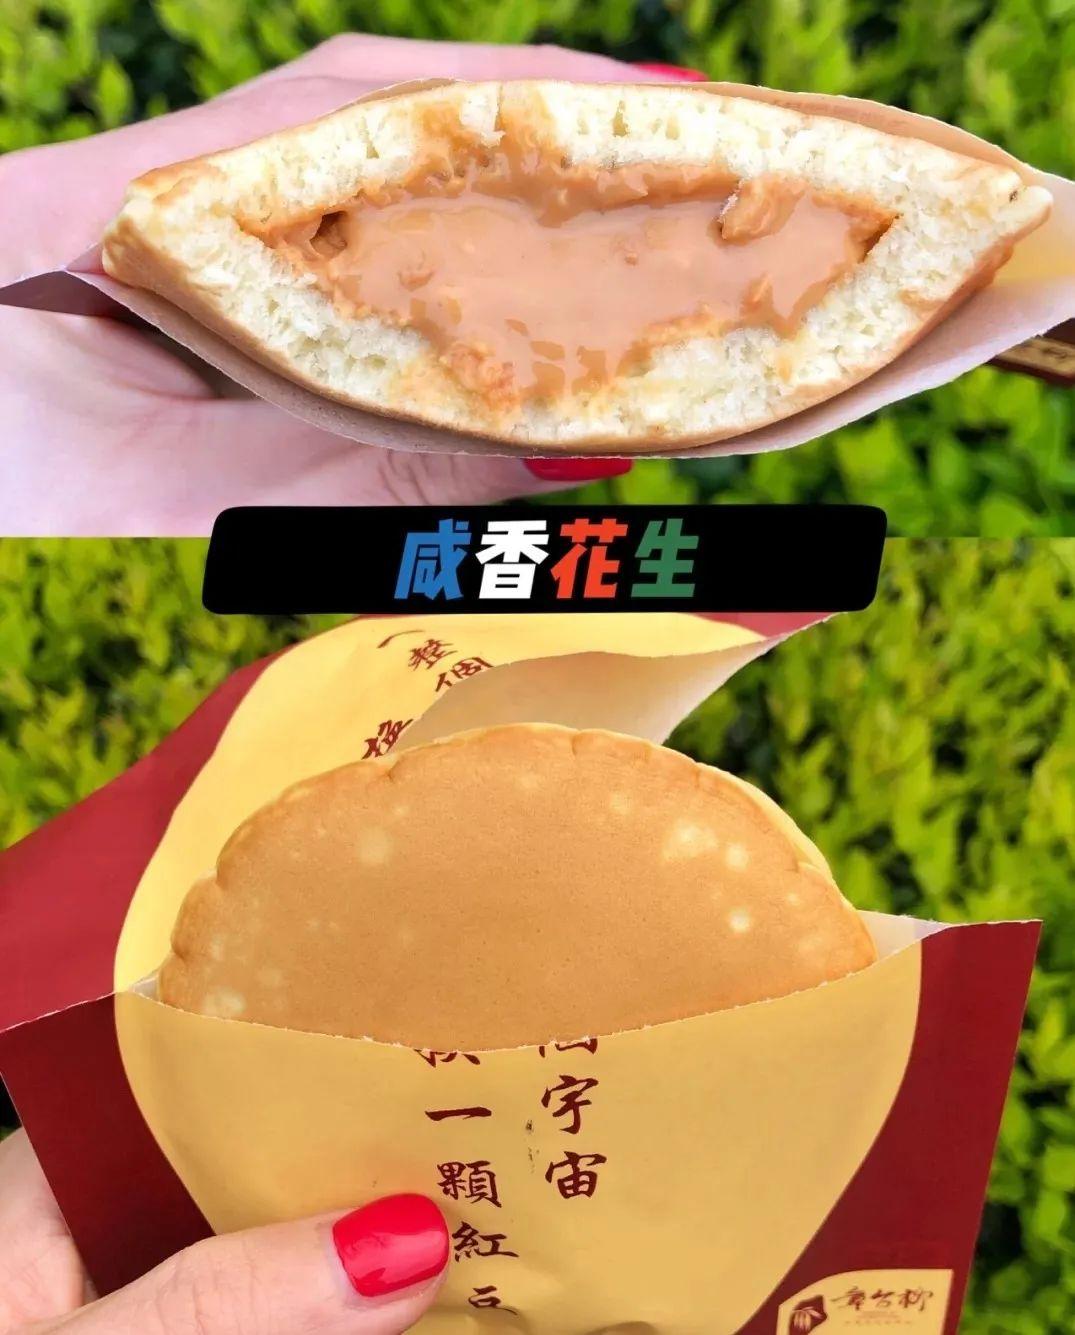 【到店自提,无需预约】上海+杭州12家门店通用,爆火的铜锣烧强势回归!29.9元购门市价56元双人套餐。精选新鲜食材,现做先吃!